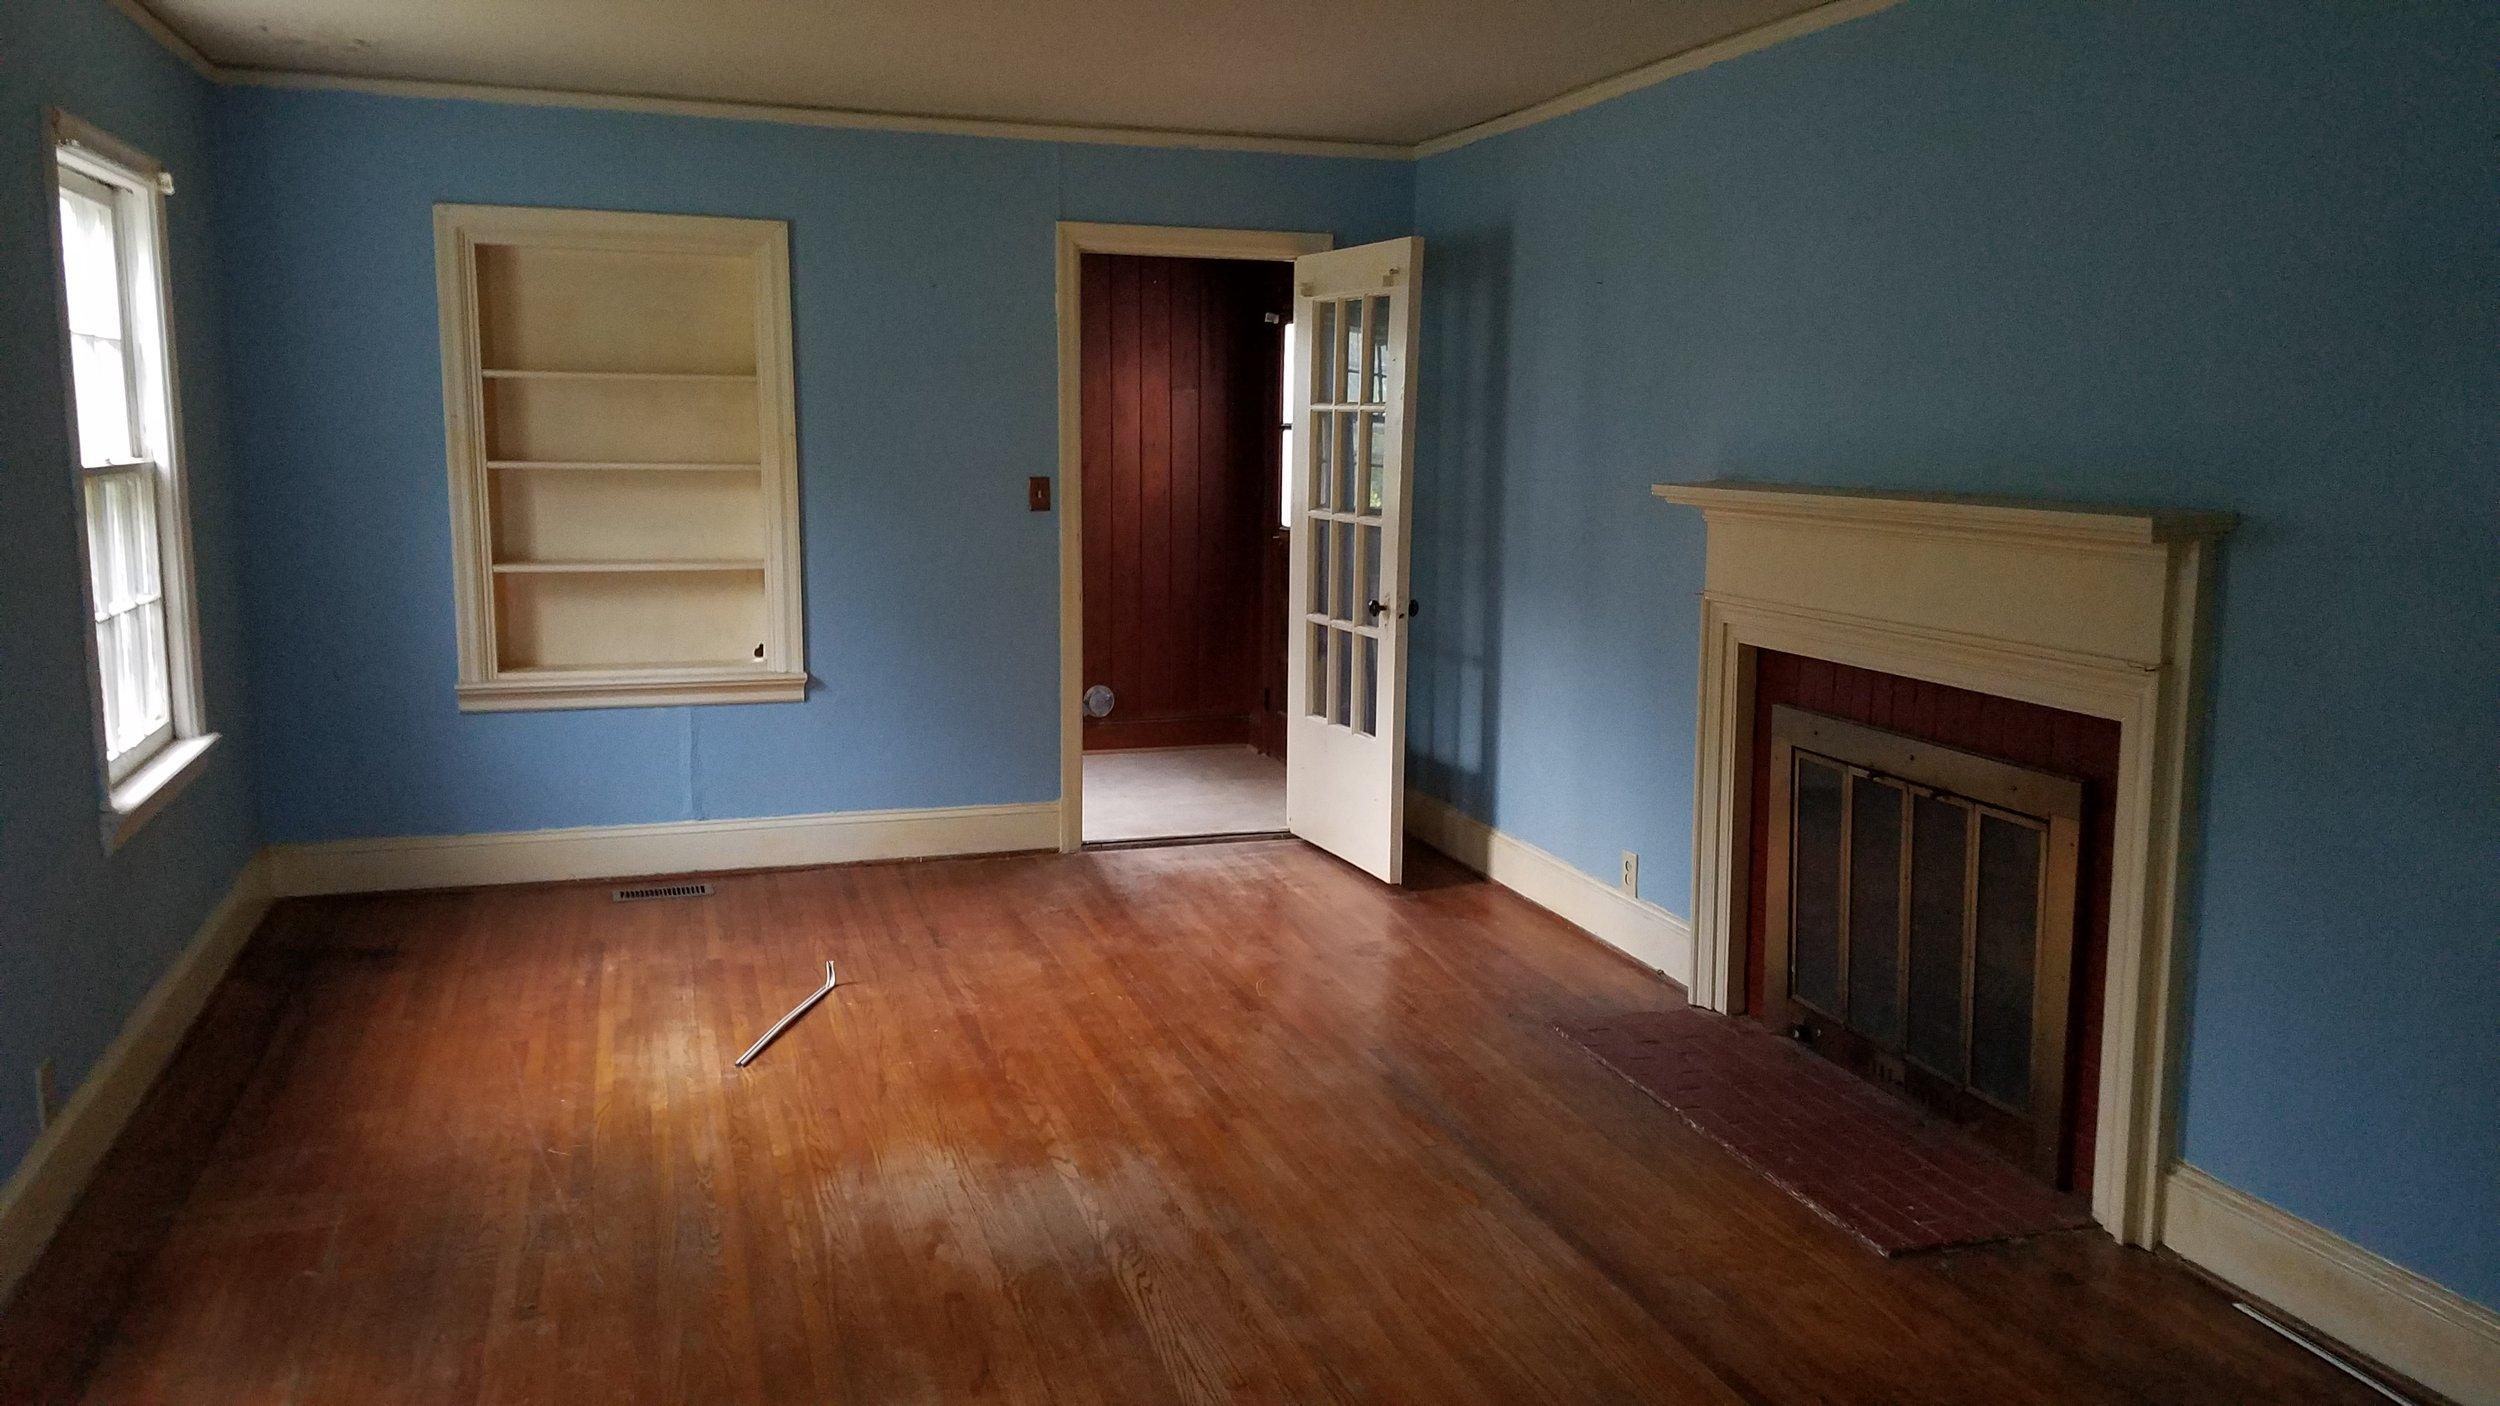 Haymount Homes Glenville Ave Living Room Before 1